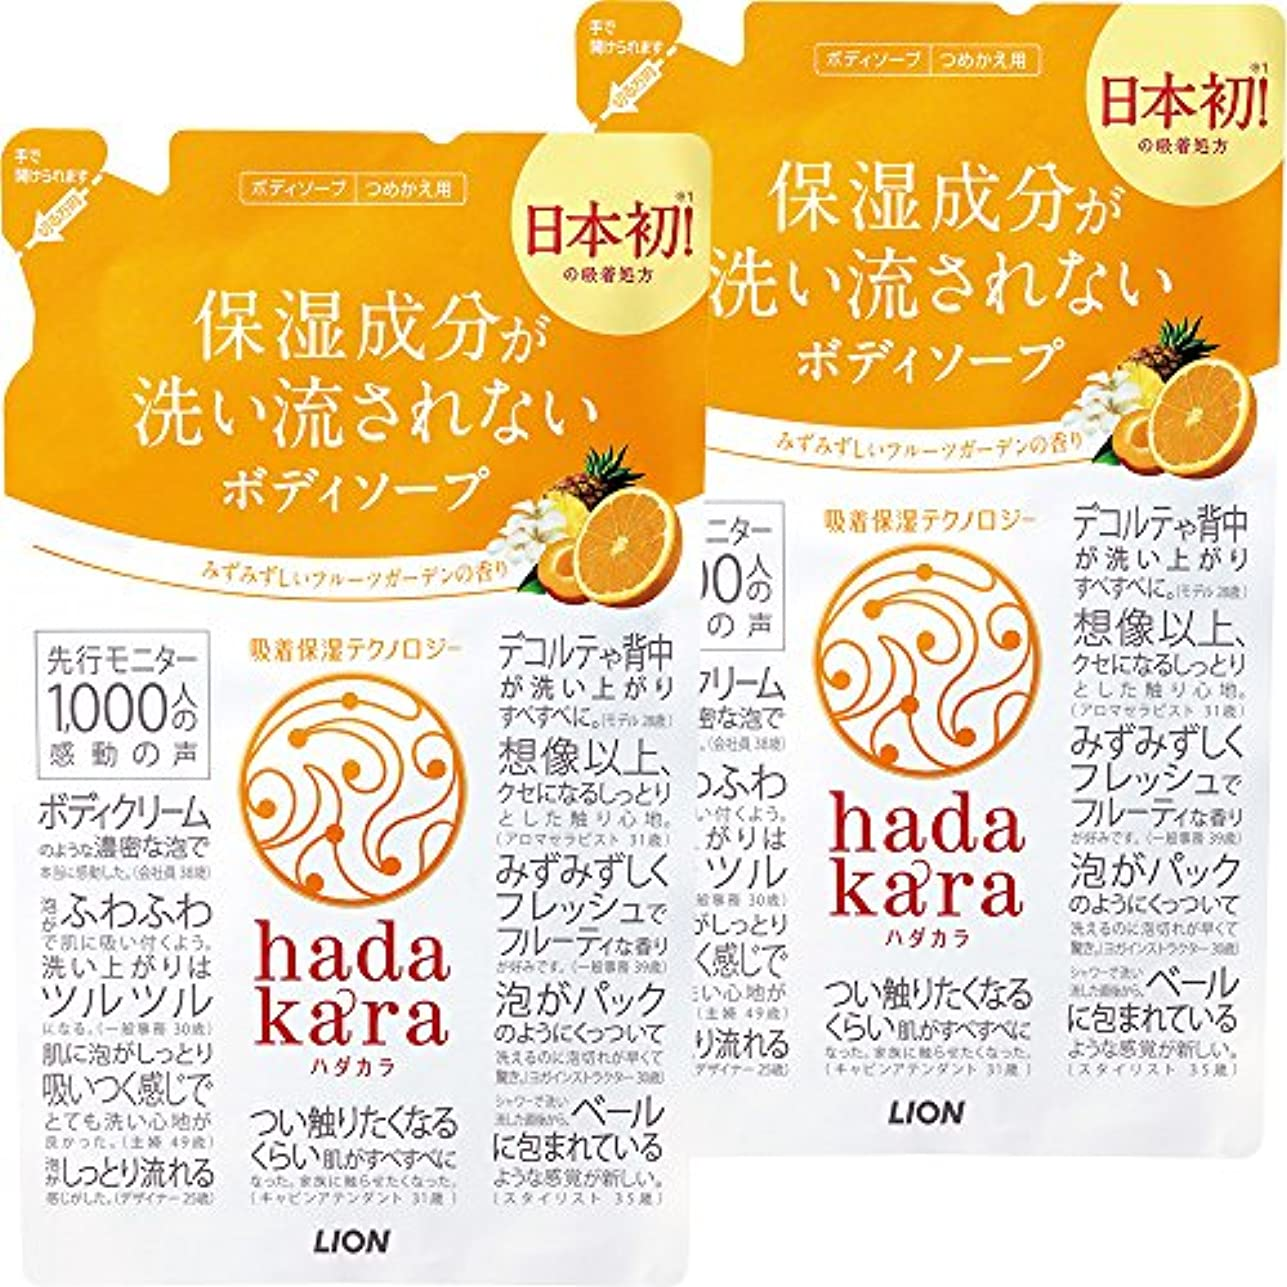 半導体活気づける蓮【まとめ買い】hadakara(ハダカラ) ボディソープ フルーツガーデンの香り 詰め替え 360ml×2個パック